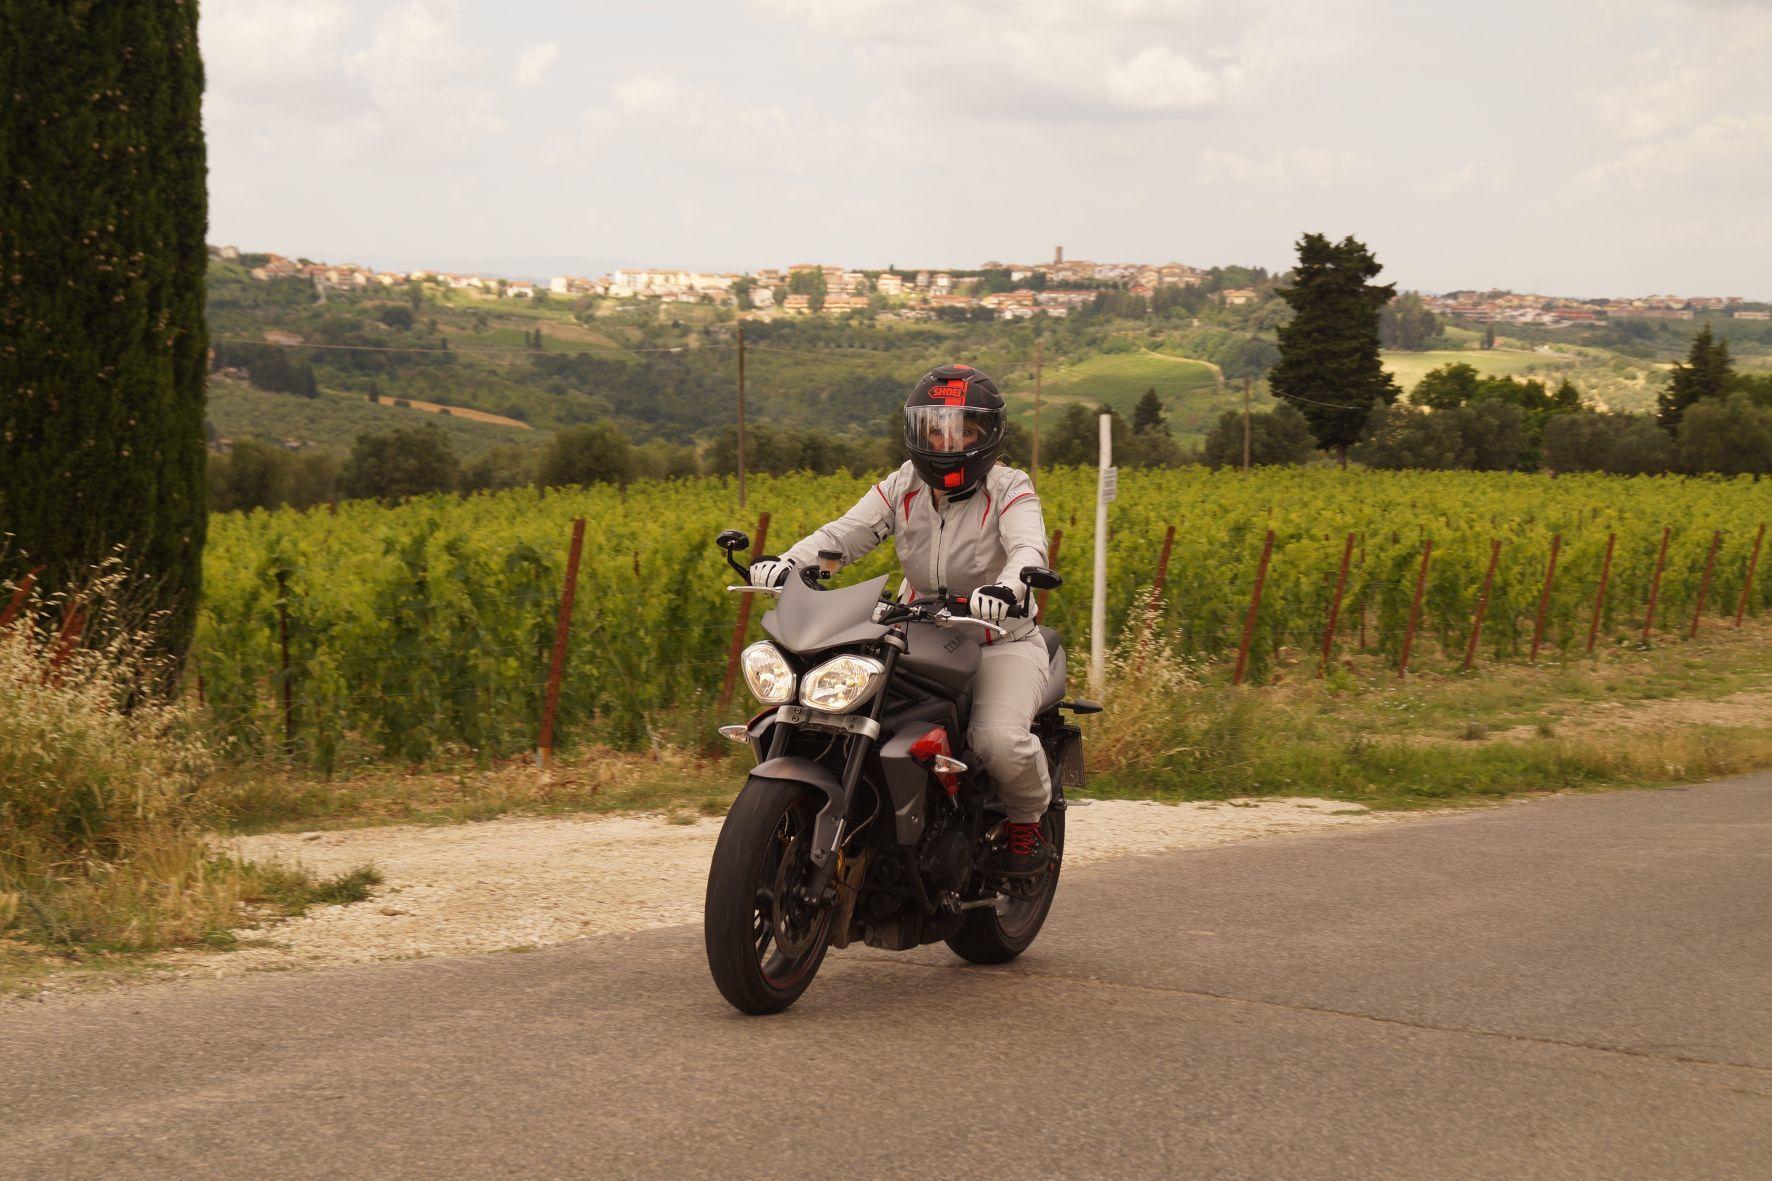 mid Groß-Gerau - Motorradfahren ist in Deutschland beliebt wie lange nicht.